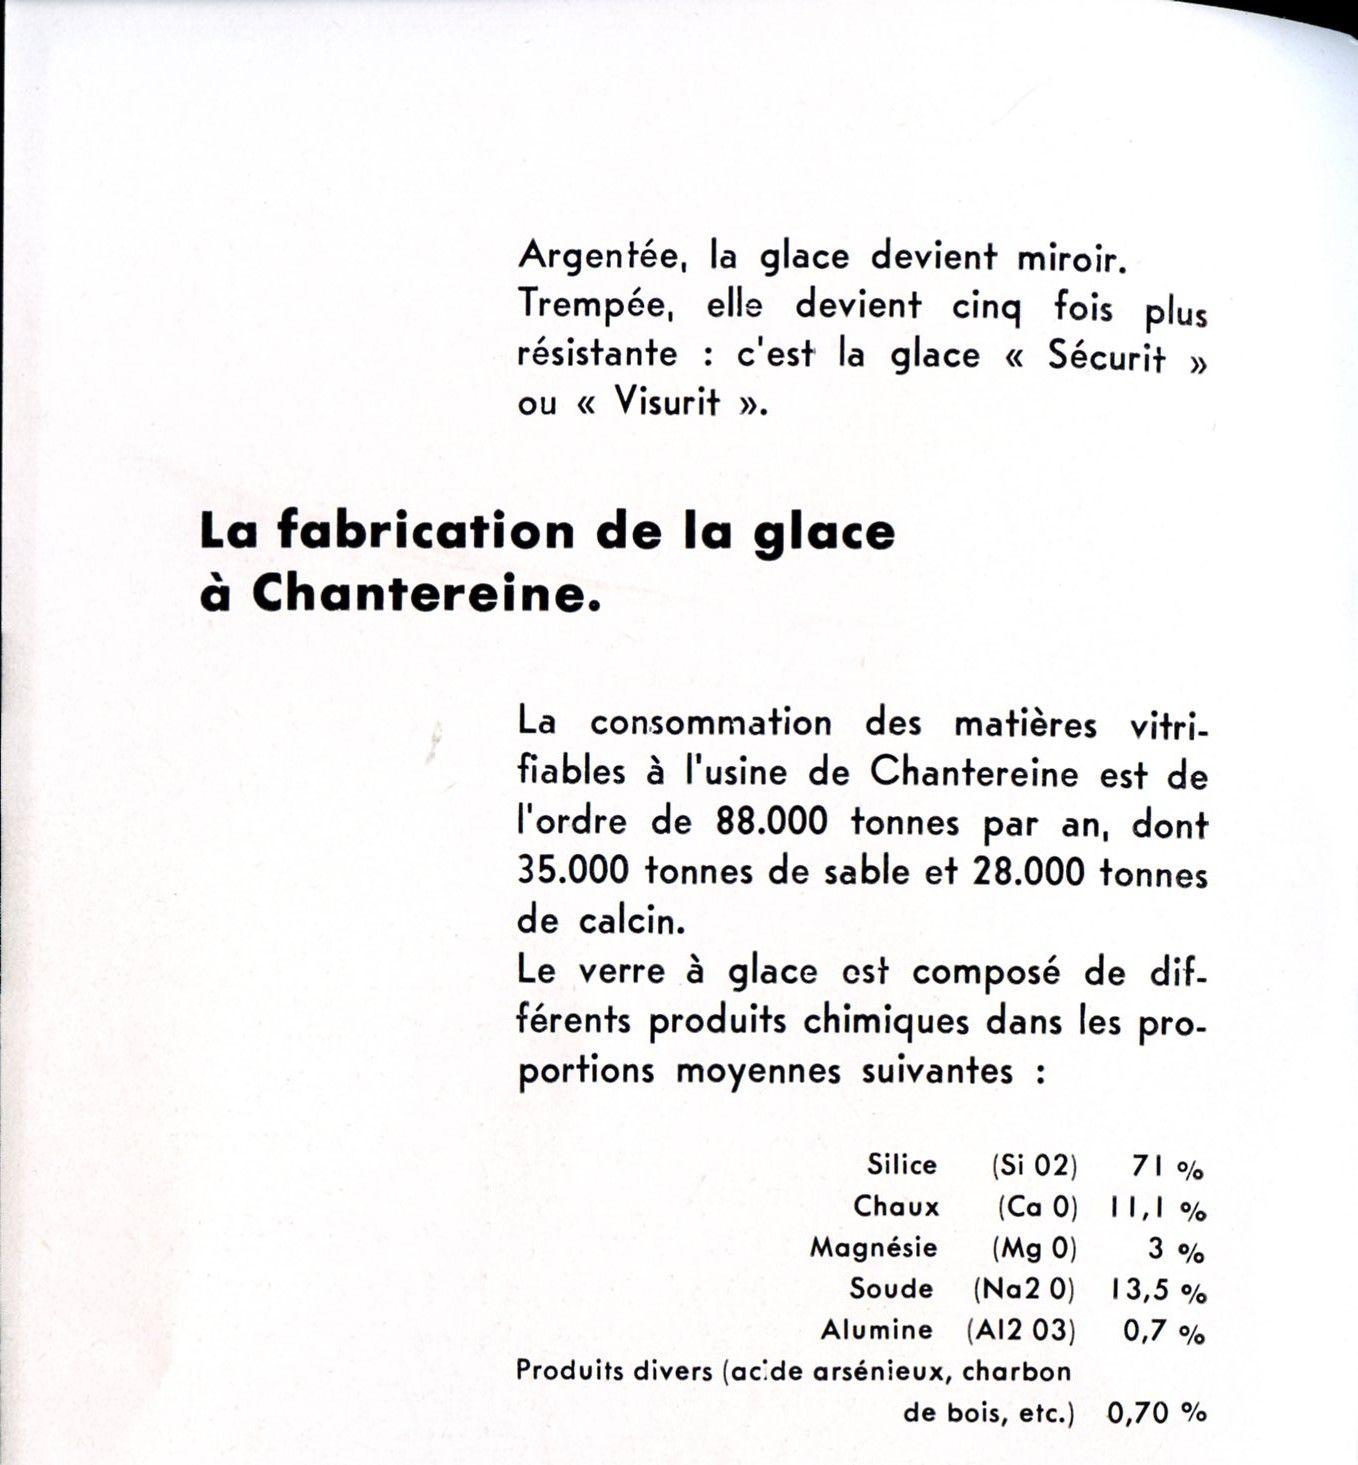 Album - Chanterine, 1956 visite de la Glacerie de Chantereine